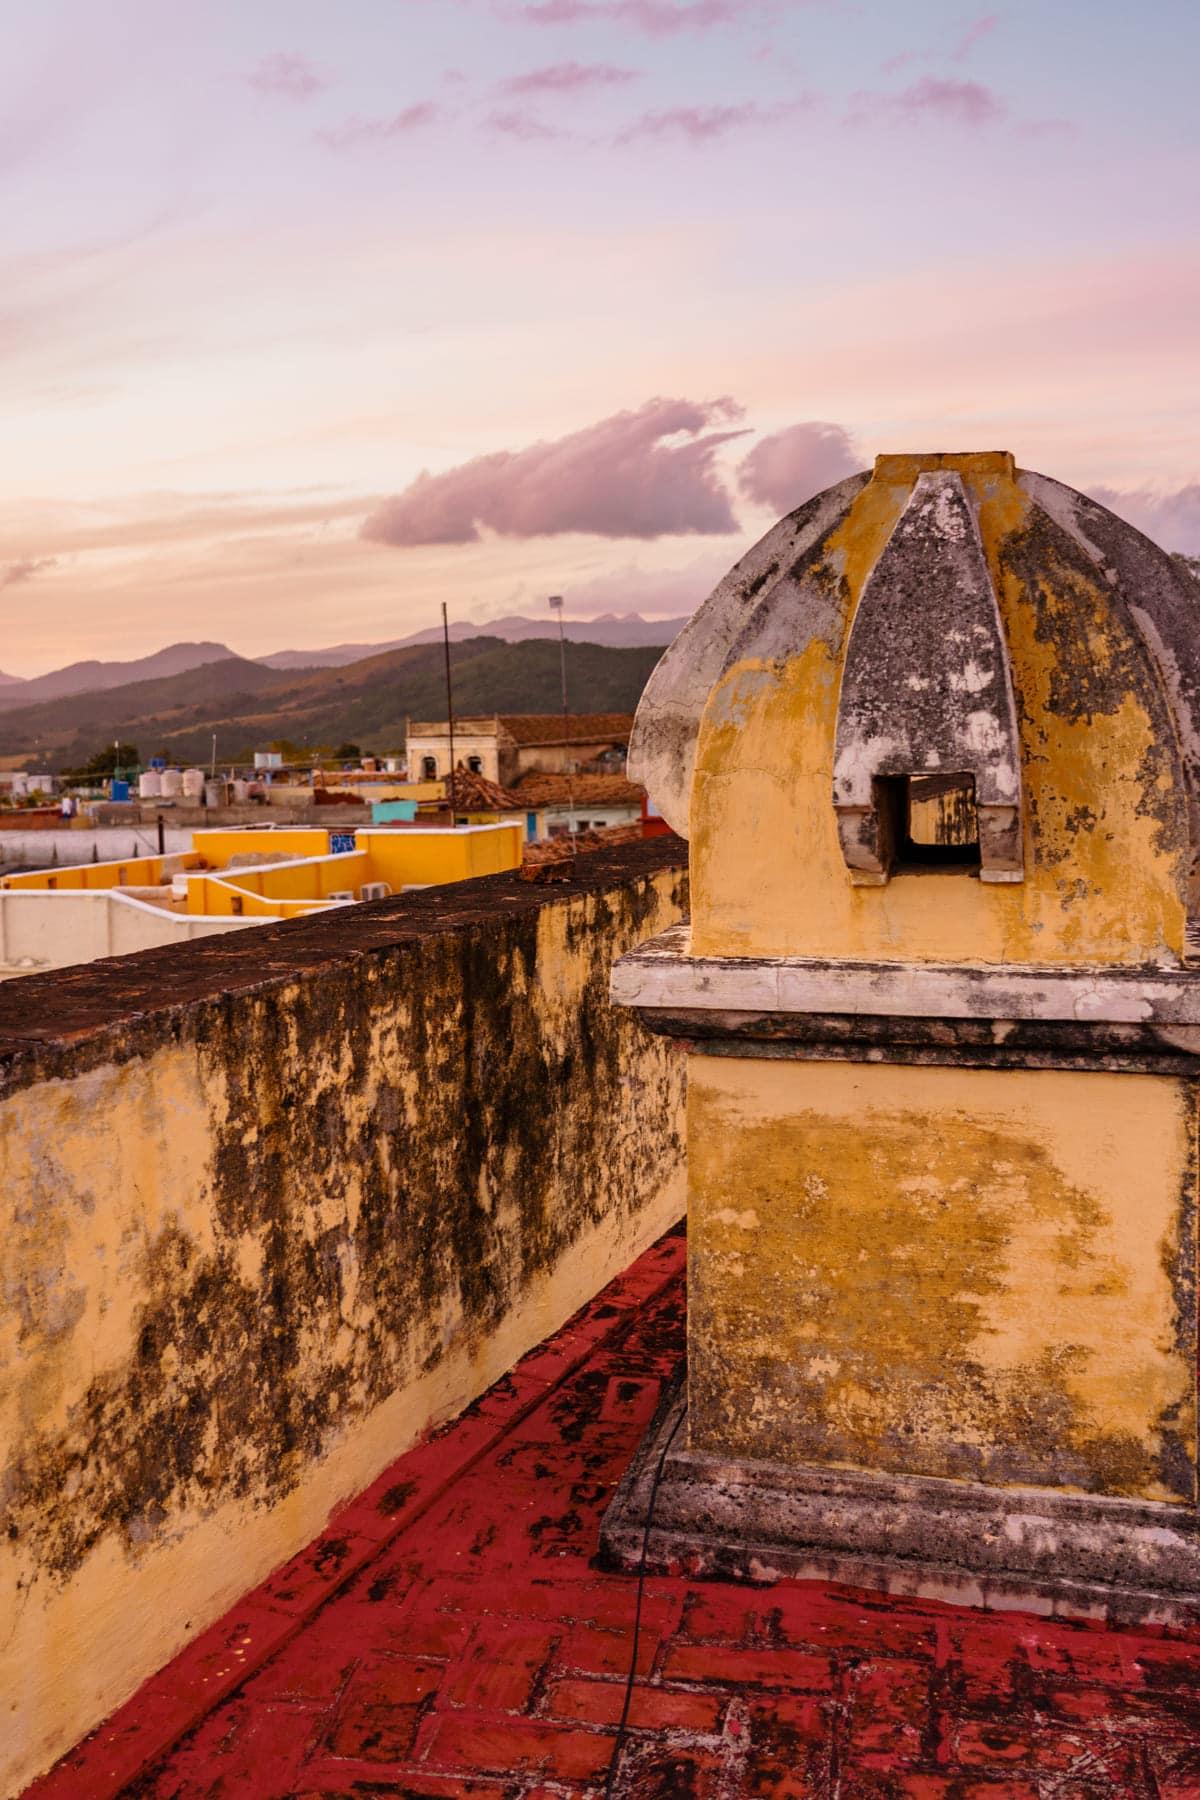 Reisetipps für Trinidad auf Kuba: Glockenturm von Convento de San Francisco de Asís